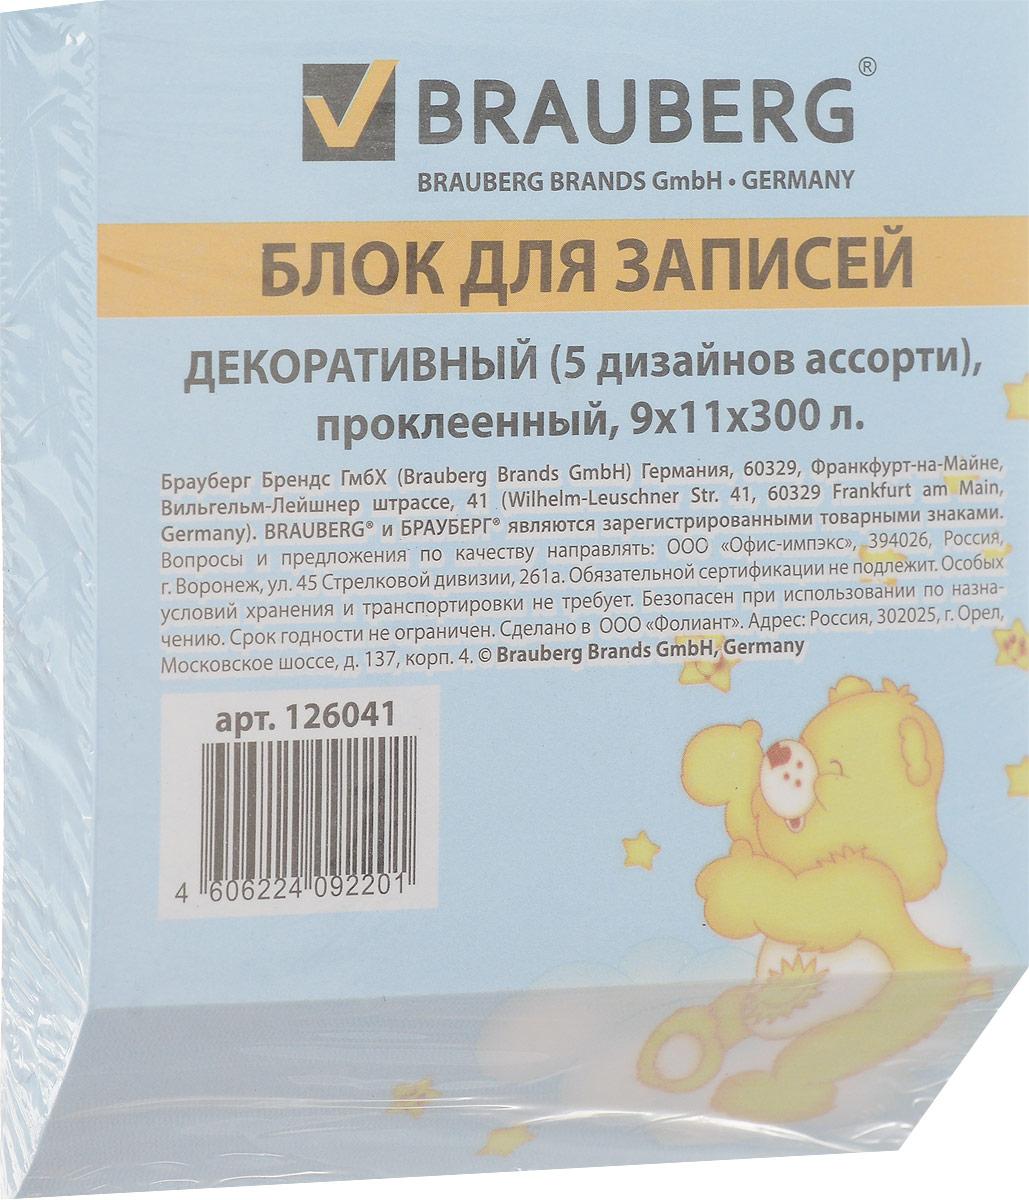 Brauberg Блок для записей Медведь 9 х 11 см 300 листов72523WDБлок для записей Brauberg изготовлен из высококачественной офсетной бумаги. Идеально подходит для быстрой фиксации информации. Благодаря яркой цветовой гамме, современному дизайну и оригинальной конструкции вносит в развитие ребенка яркую ноту.